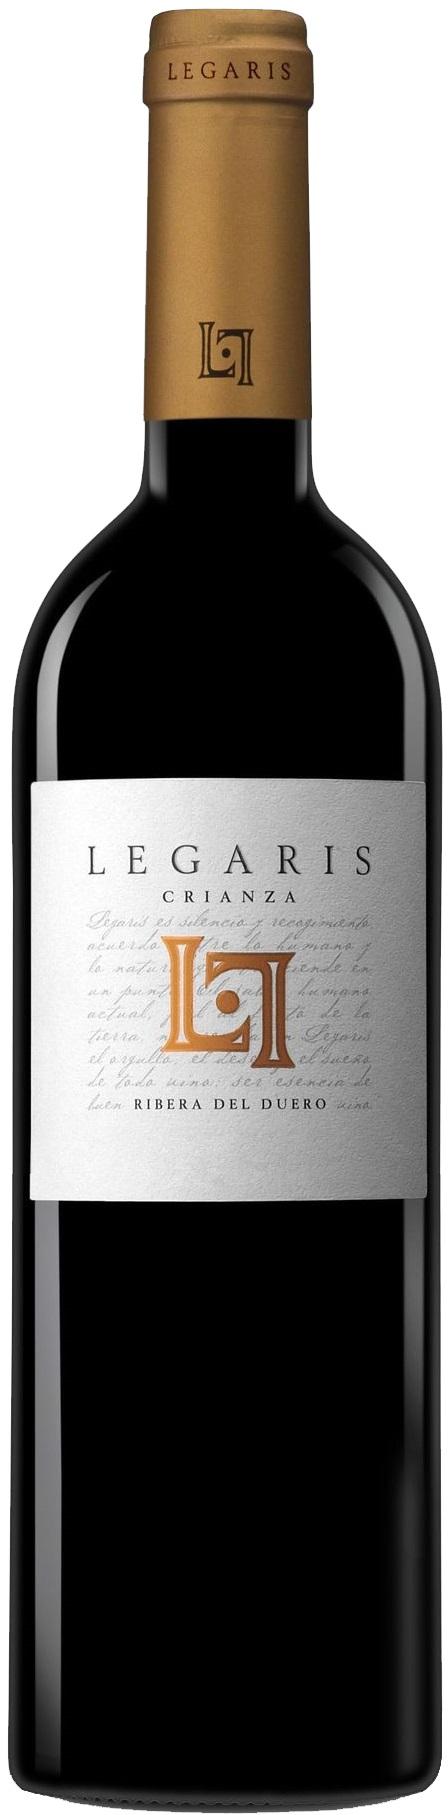 Legaris Crianza Tempranillo 2009 Bodega Legaris Curiel De Duero Castillo Y León Terroir Ribera Del Due Sauvignon Cabernet Sauvignon Vinos